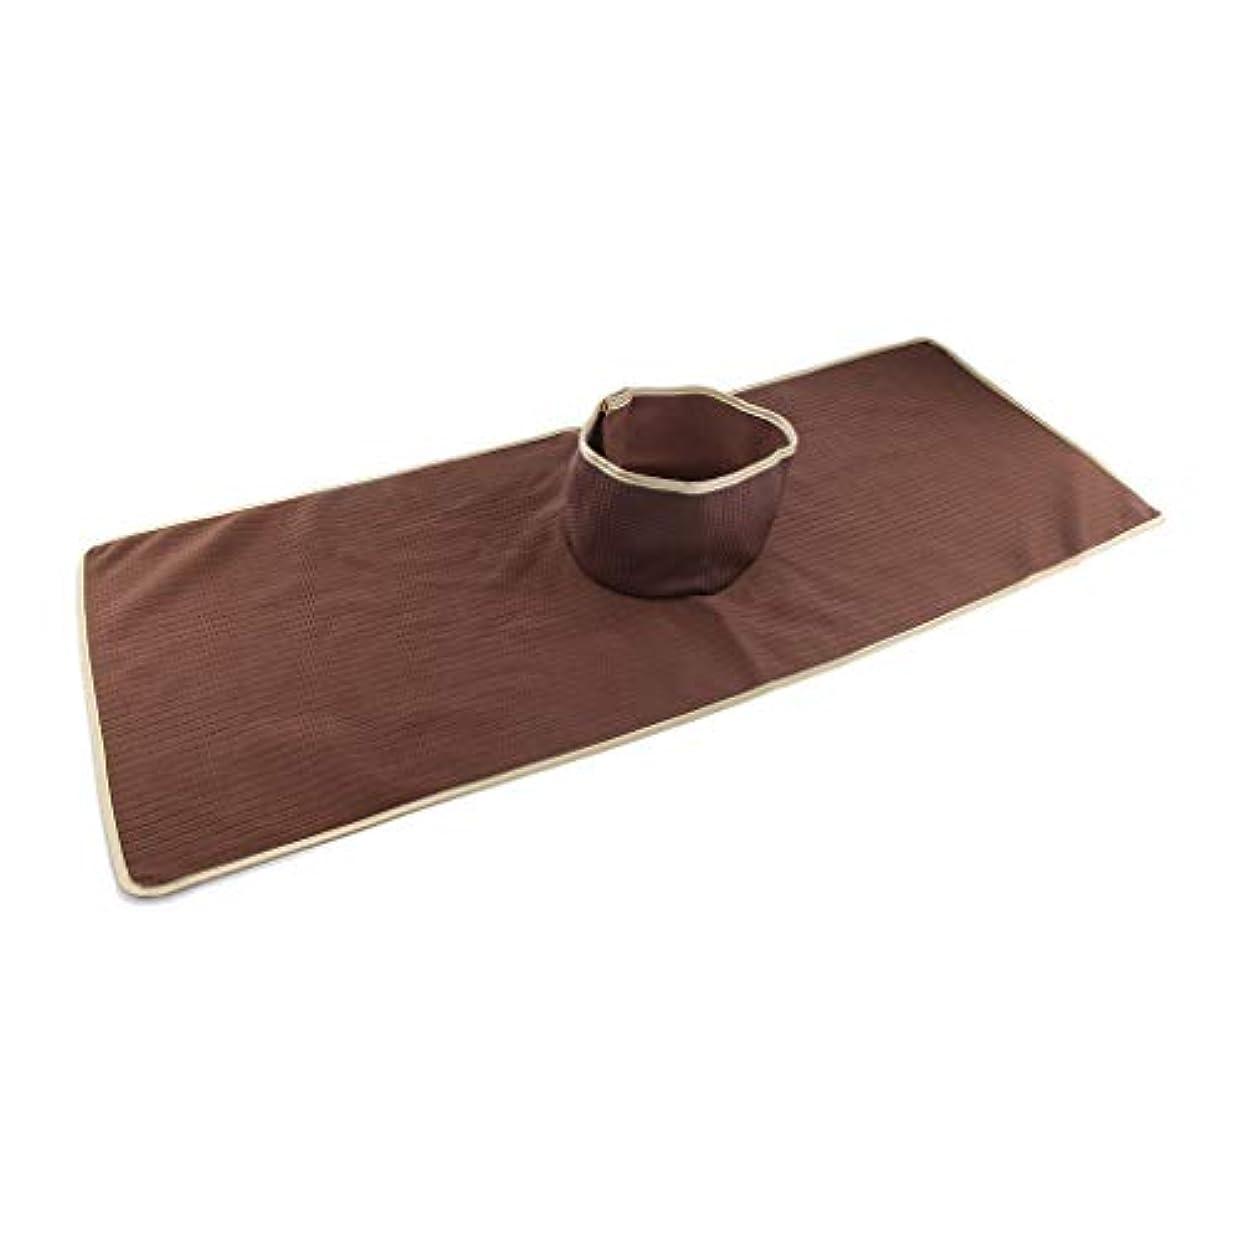 自動早いサロン 美容院 マッサージのベッド パッド 穴付き 洗える 約90×35cm 全3色 - コーヒー